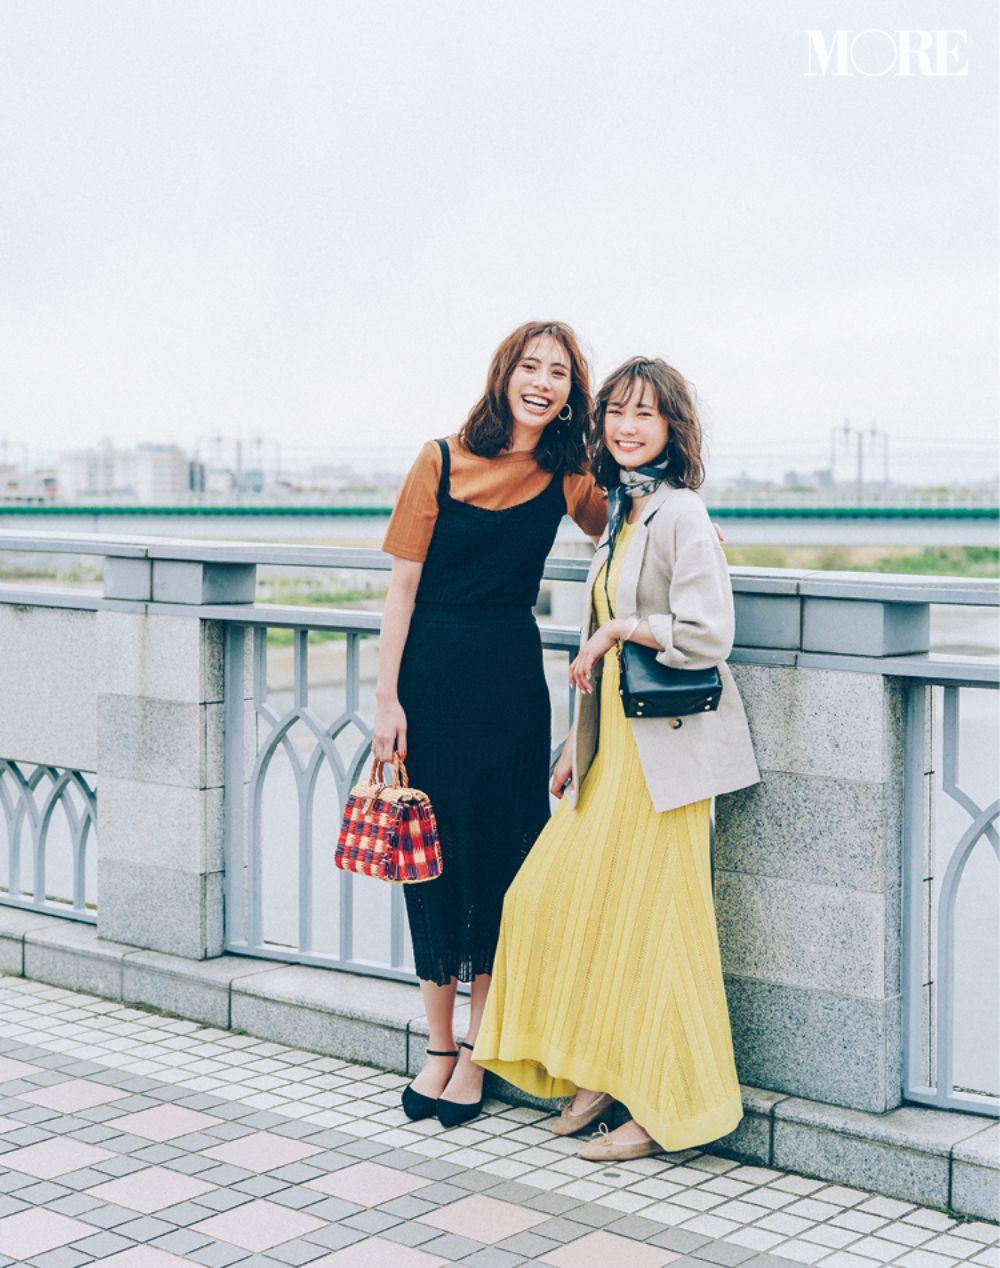 キャミワンピ特集《2019夏》- カジュアルで女っぽい! 20代におすすめのキャミワンピースコーデまとめ_7